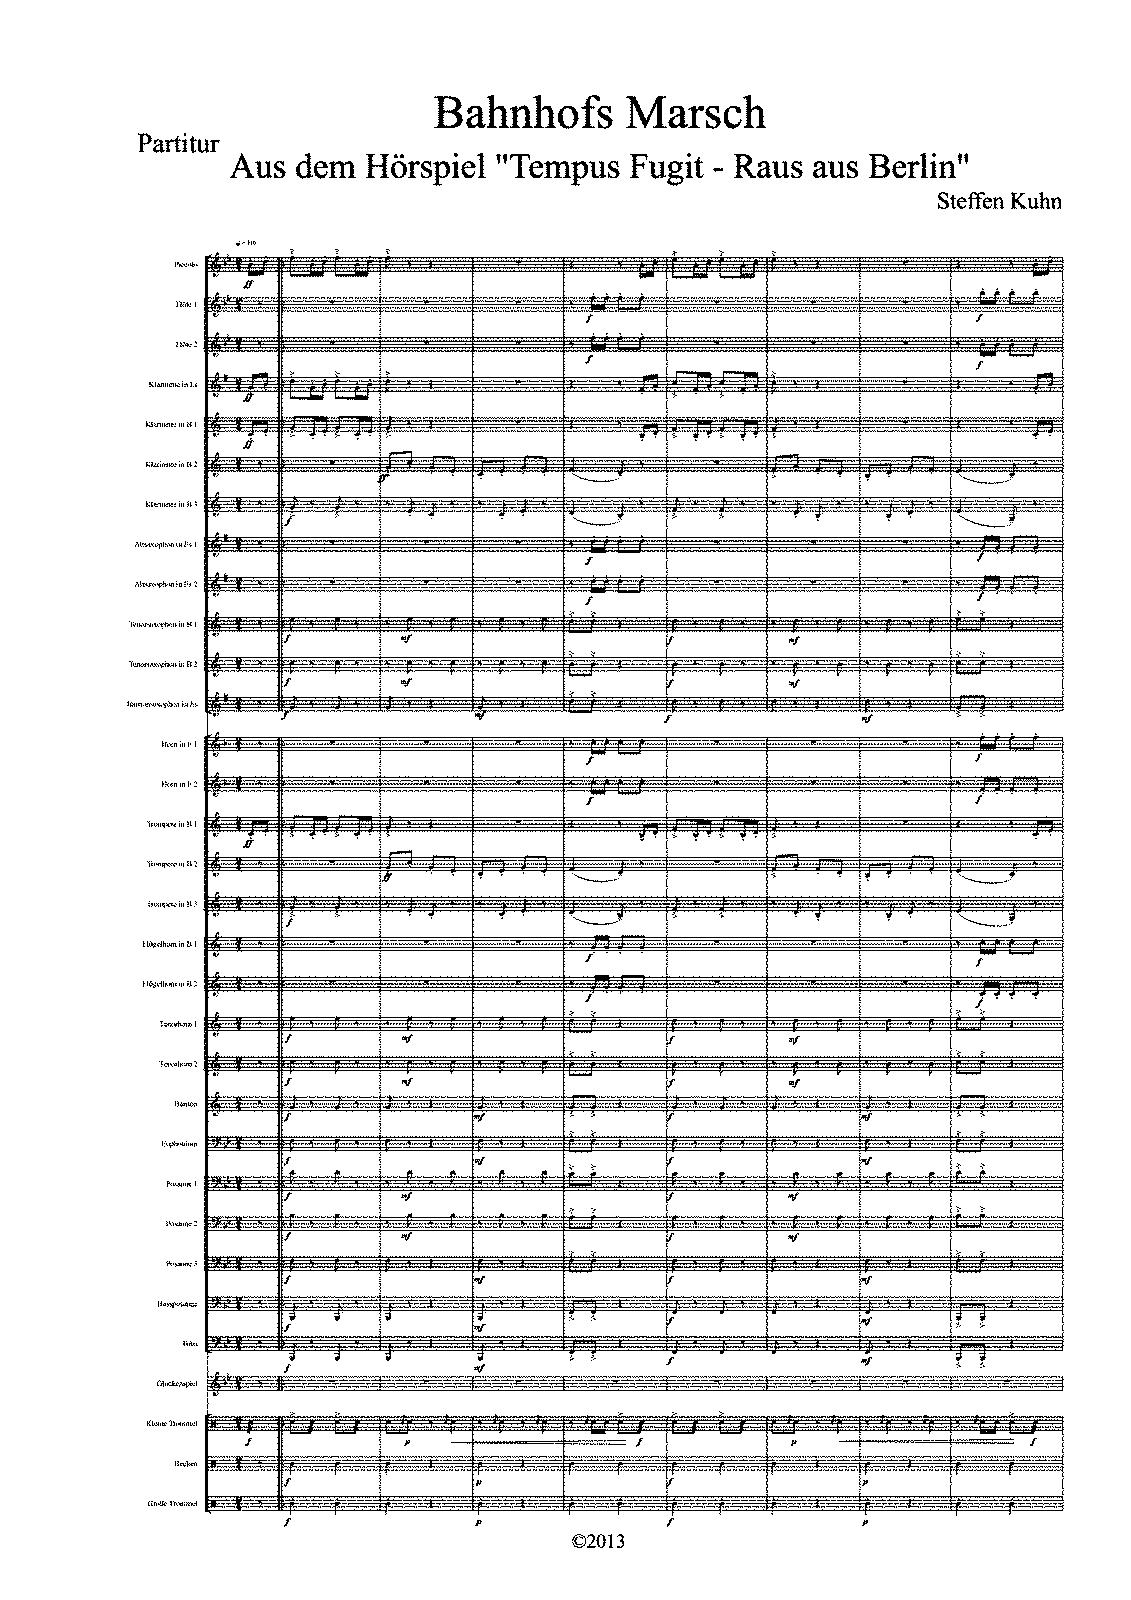 Bahnhofs-Marsch (Kuhn, Steffen) - IMSLP/Petrucci Music Library: Free